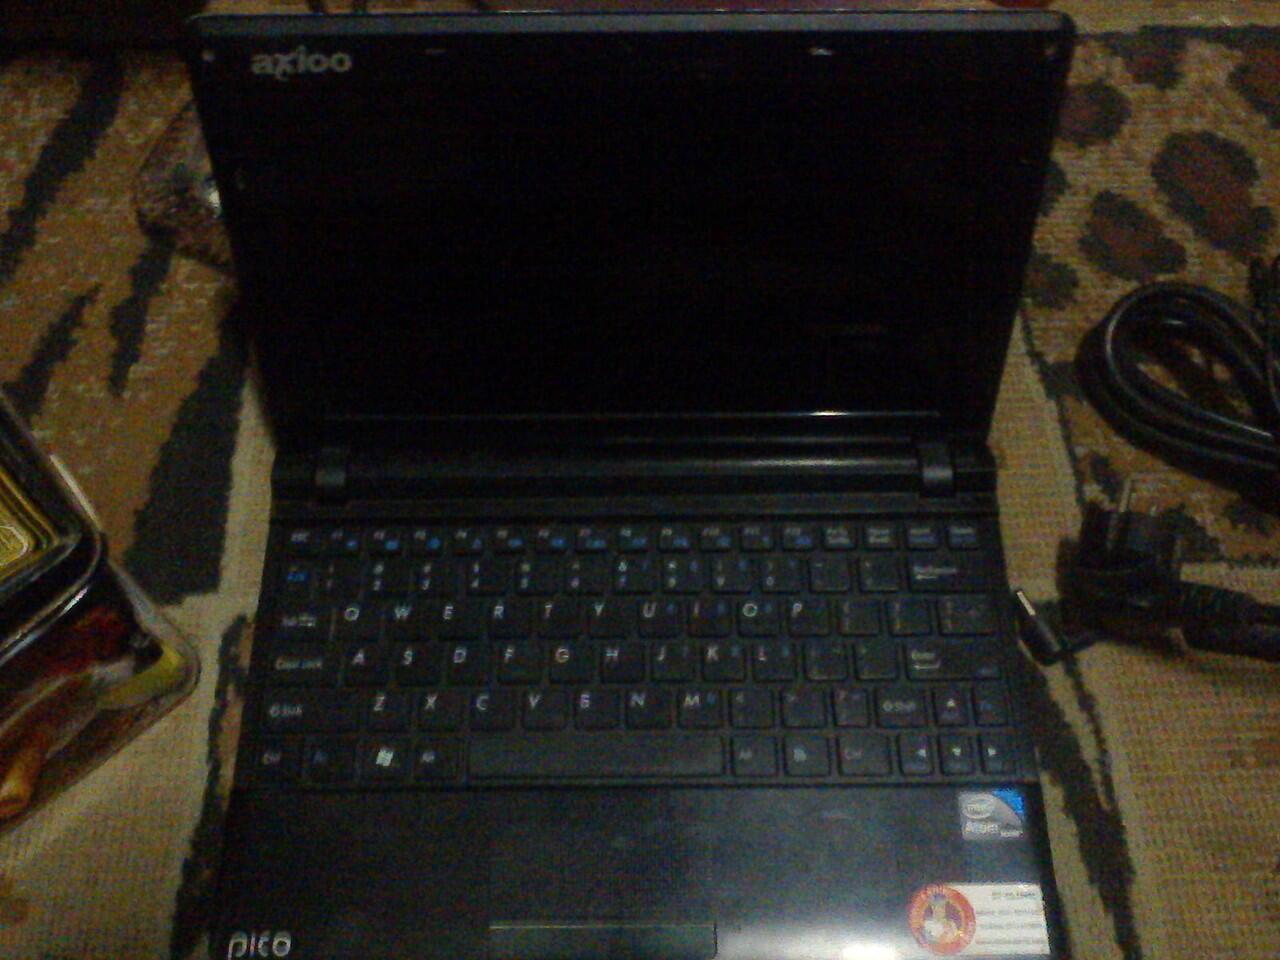 Axioo Keyboard Laptop M1110pjm Daftar Harga Penjualan Terbaik Pico Cjm W217cu Pjm M1110 Frame Hitam Kondisi Rusak Nego Sampai Sold